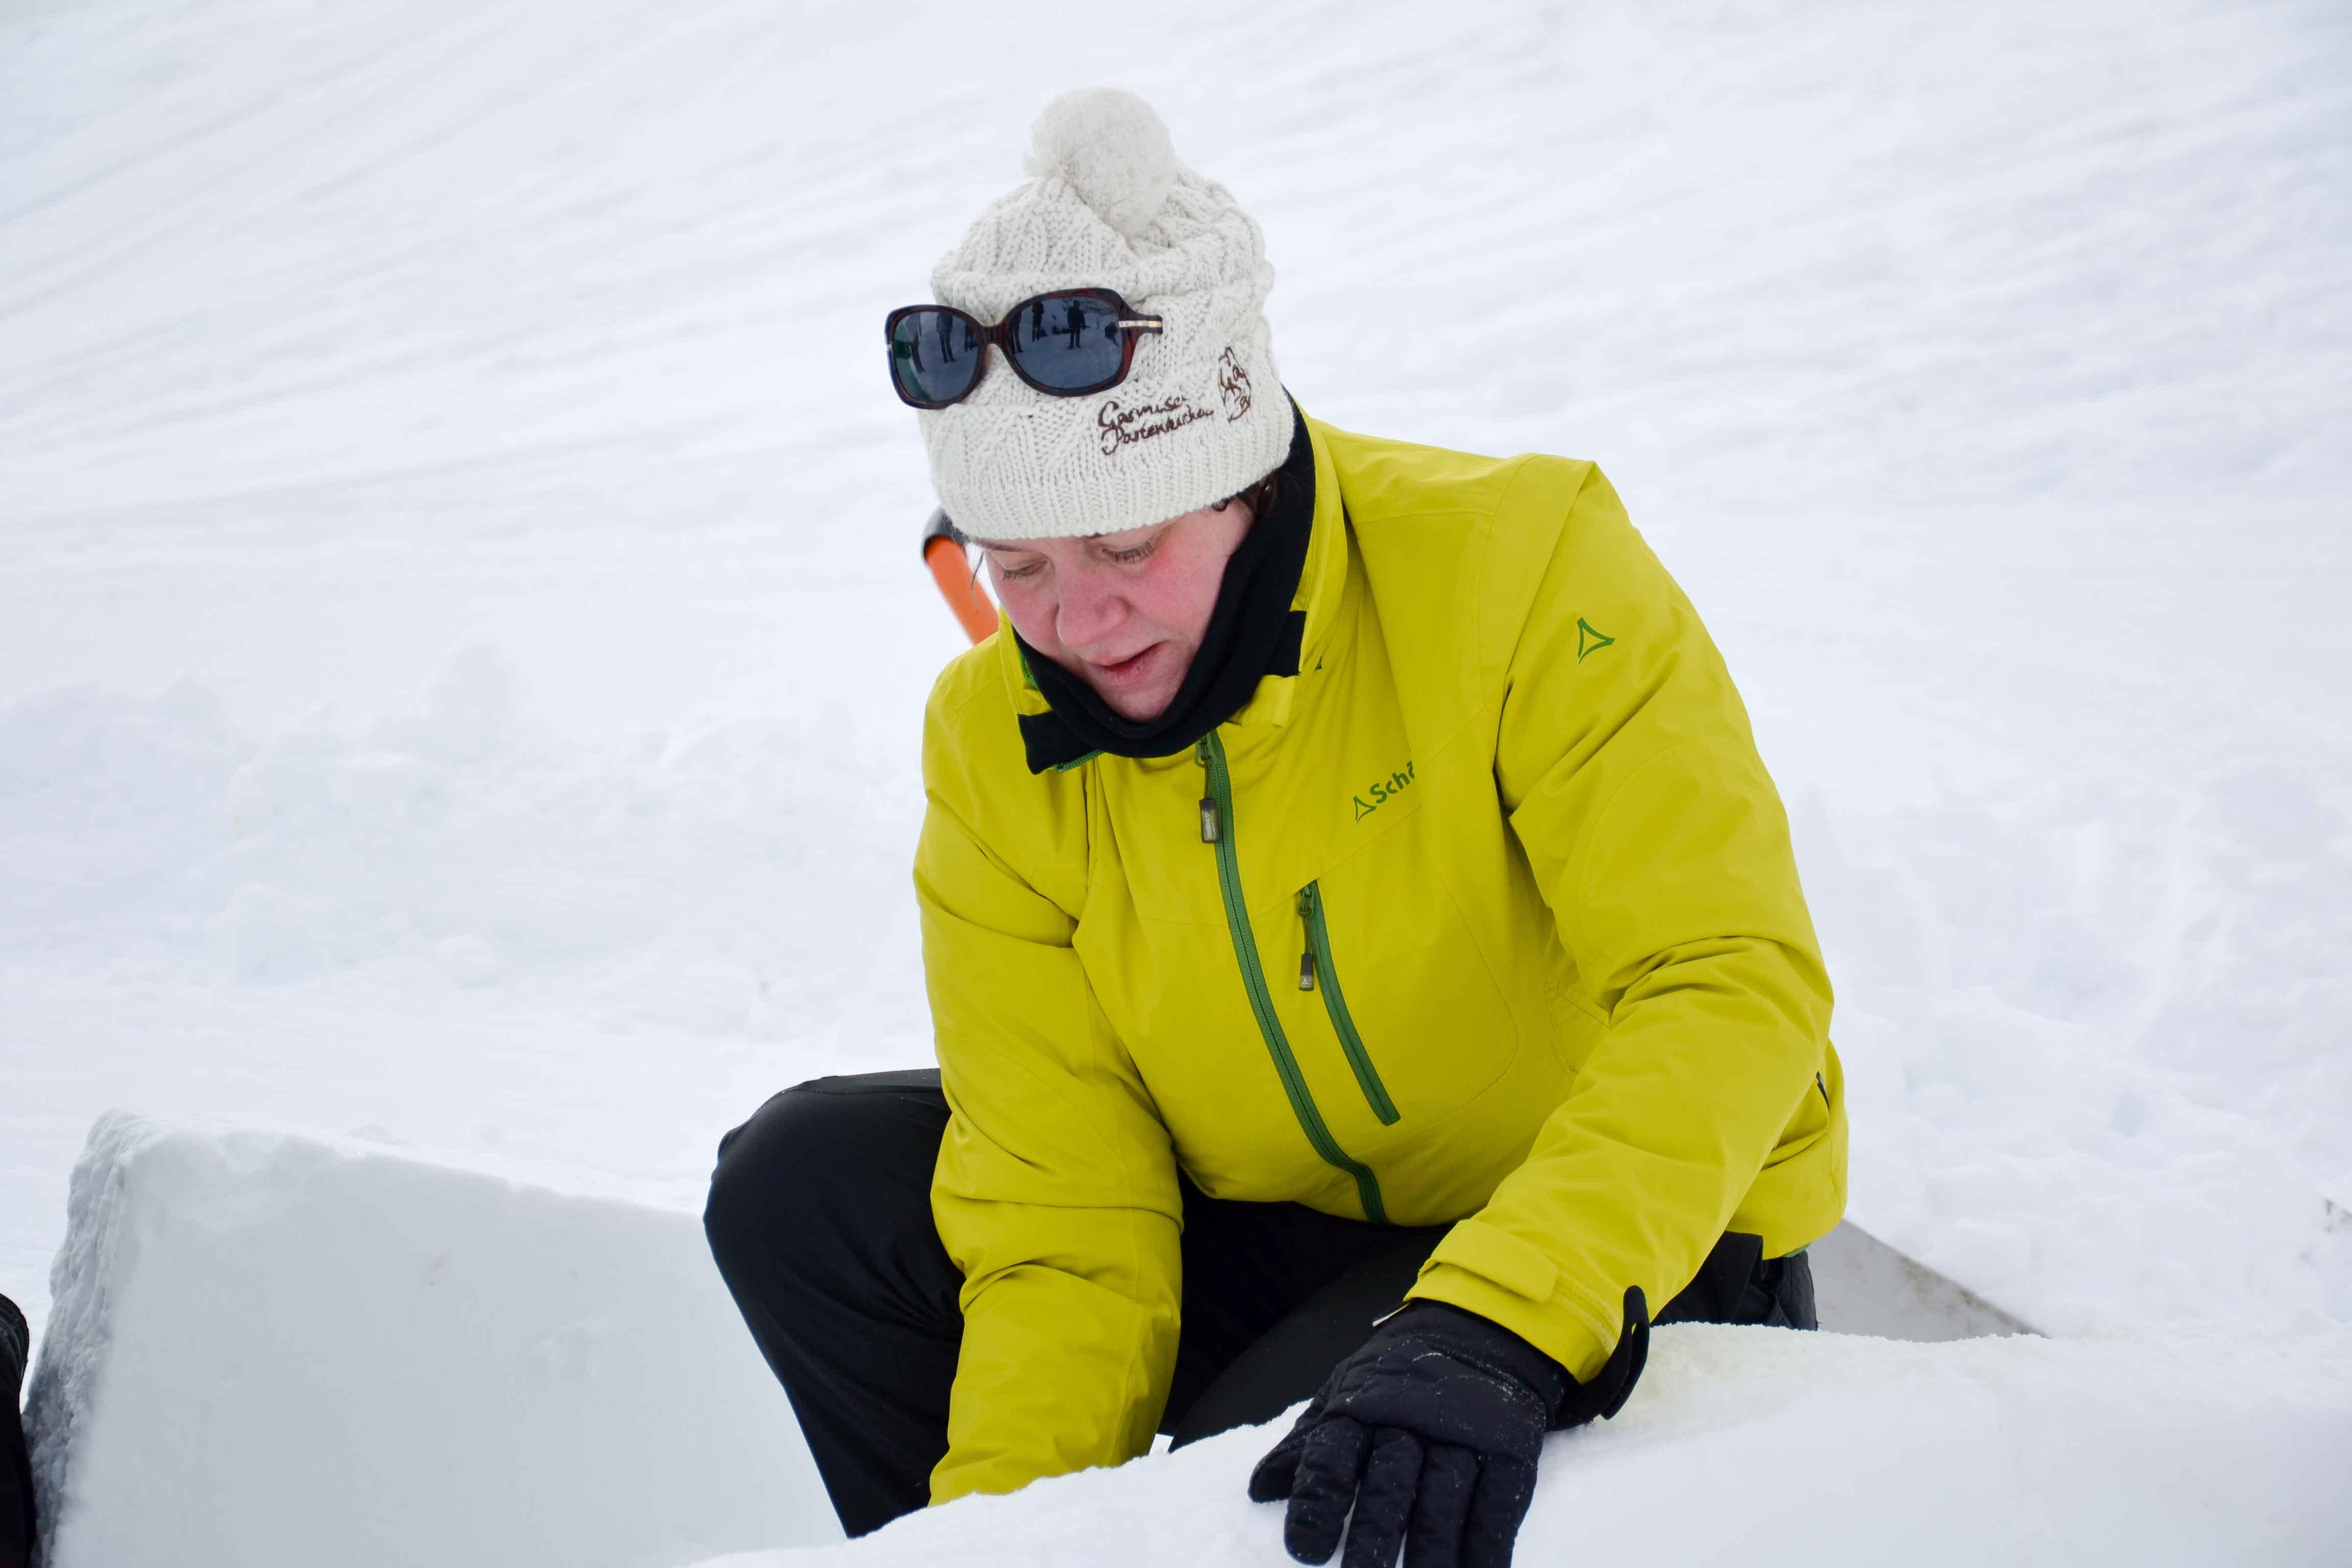 Viel Bewegungsfreiheit beim Iglubauen auf der Zugspitze trotz zwei ZipIn-Jacken in einer. Foto: Birgit Pielen